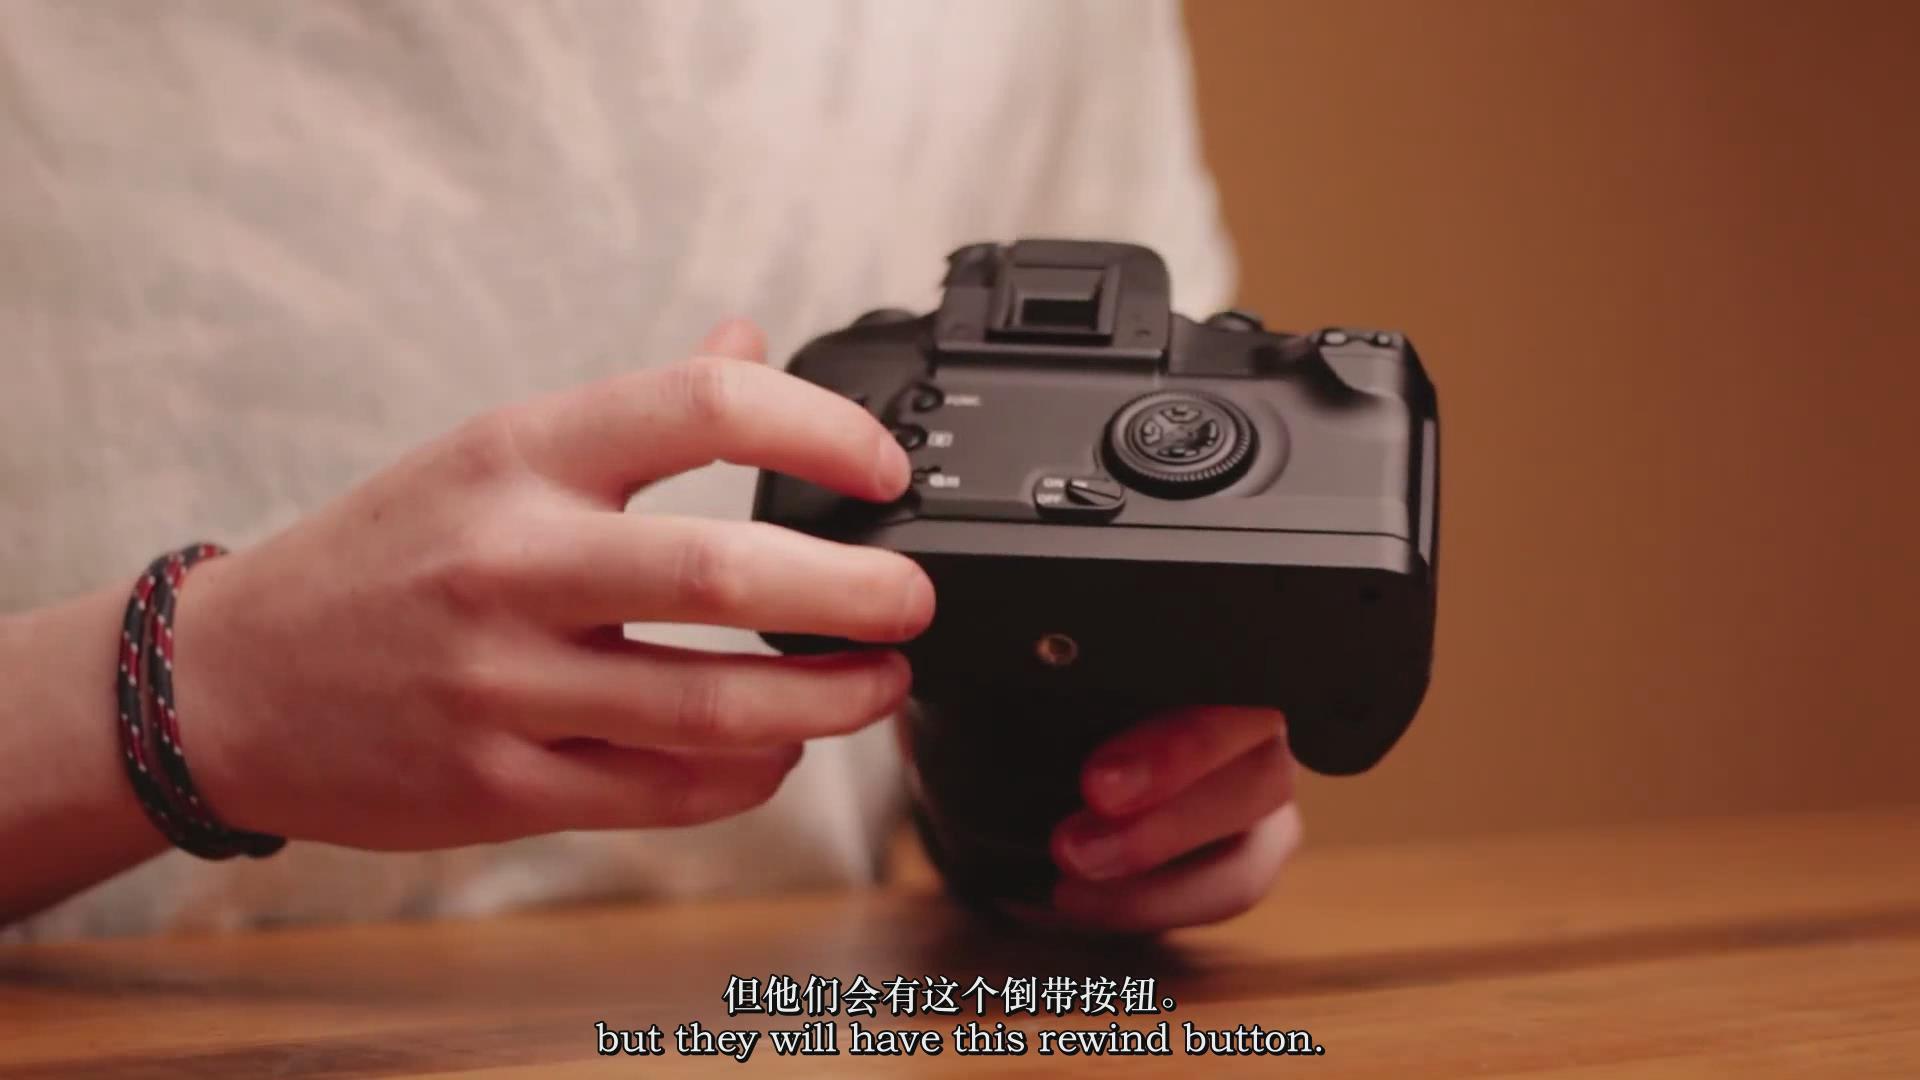 摄影教程_35毫米电影胶片入门终极指南教程-中英字幕 摄影教程 _预览图4